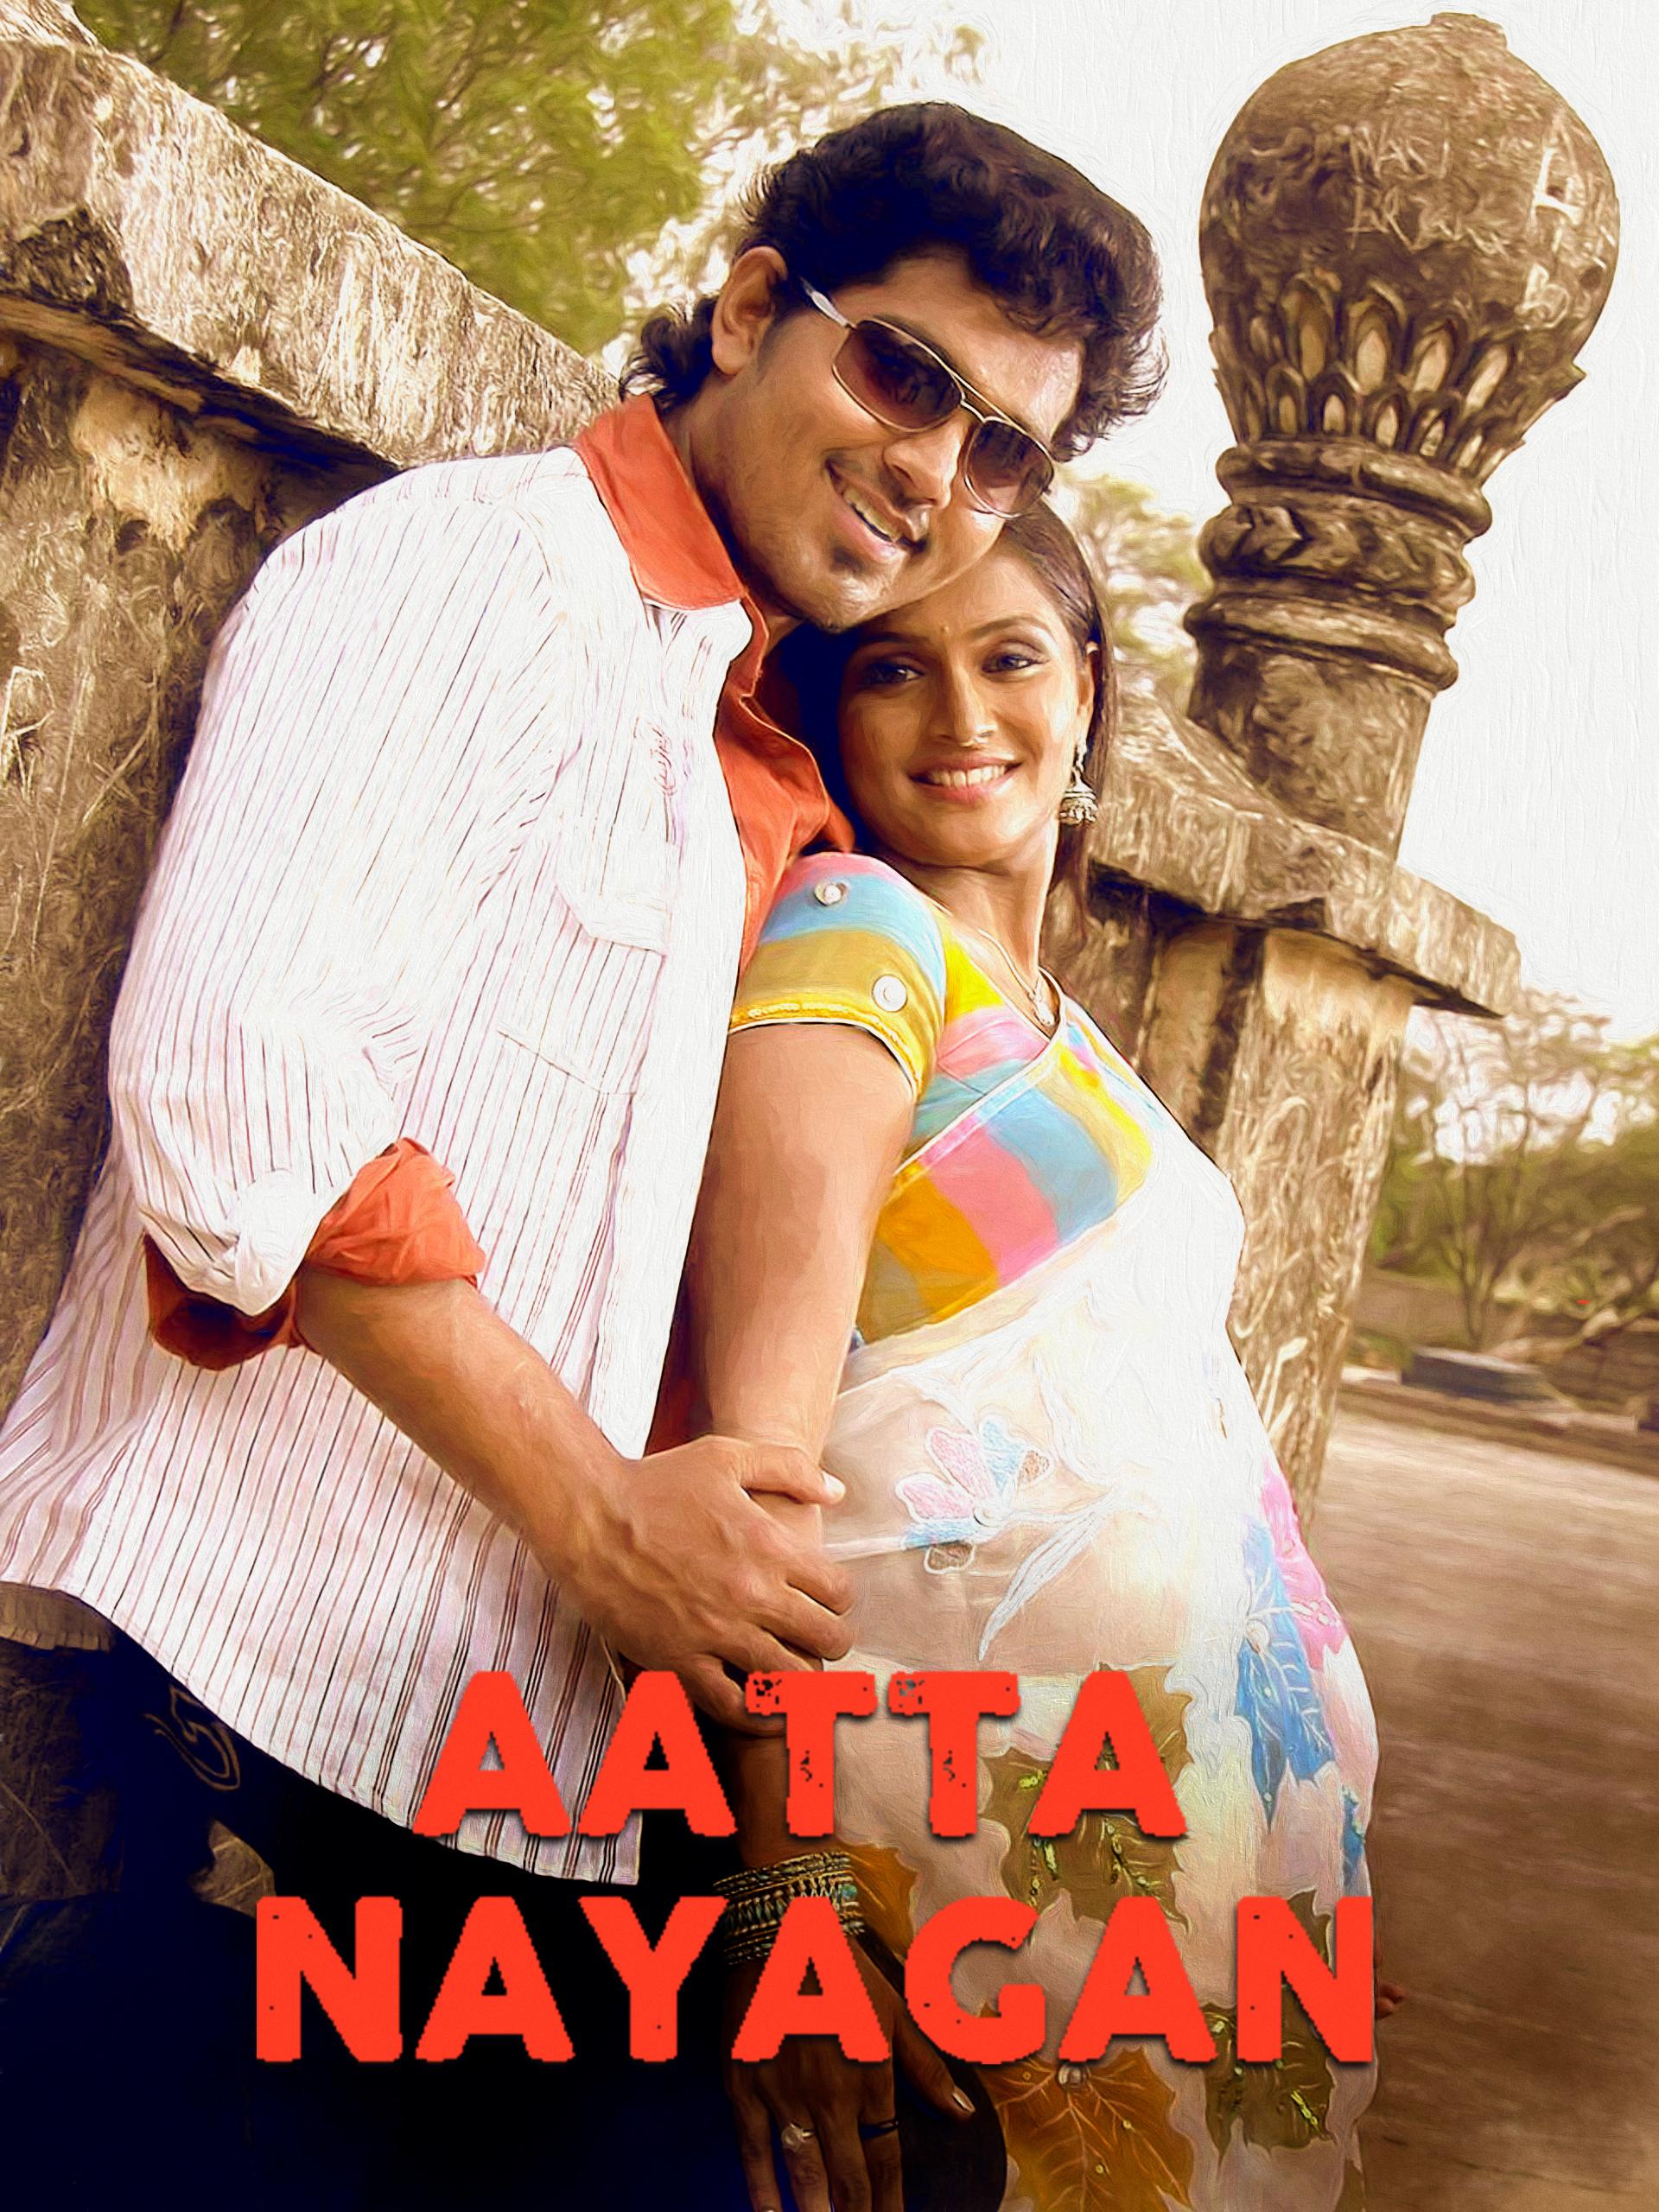 Watch Aatta Nayagan full movie Online - Eros Now